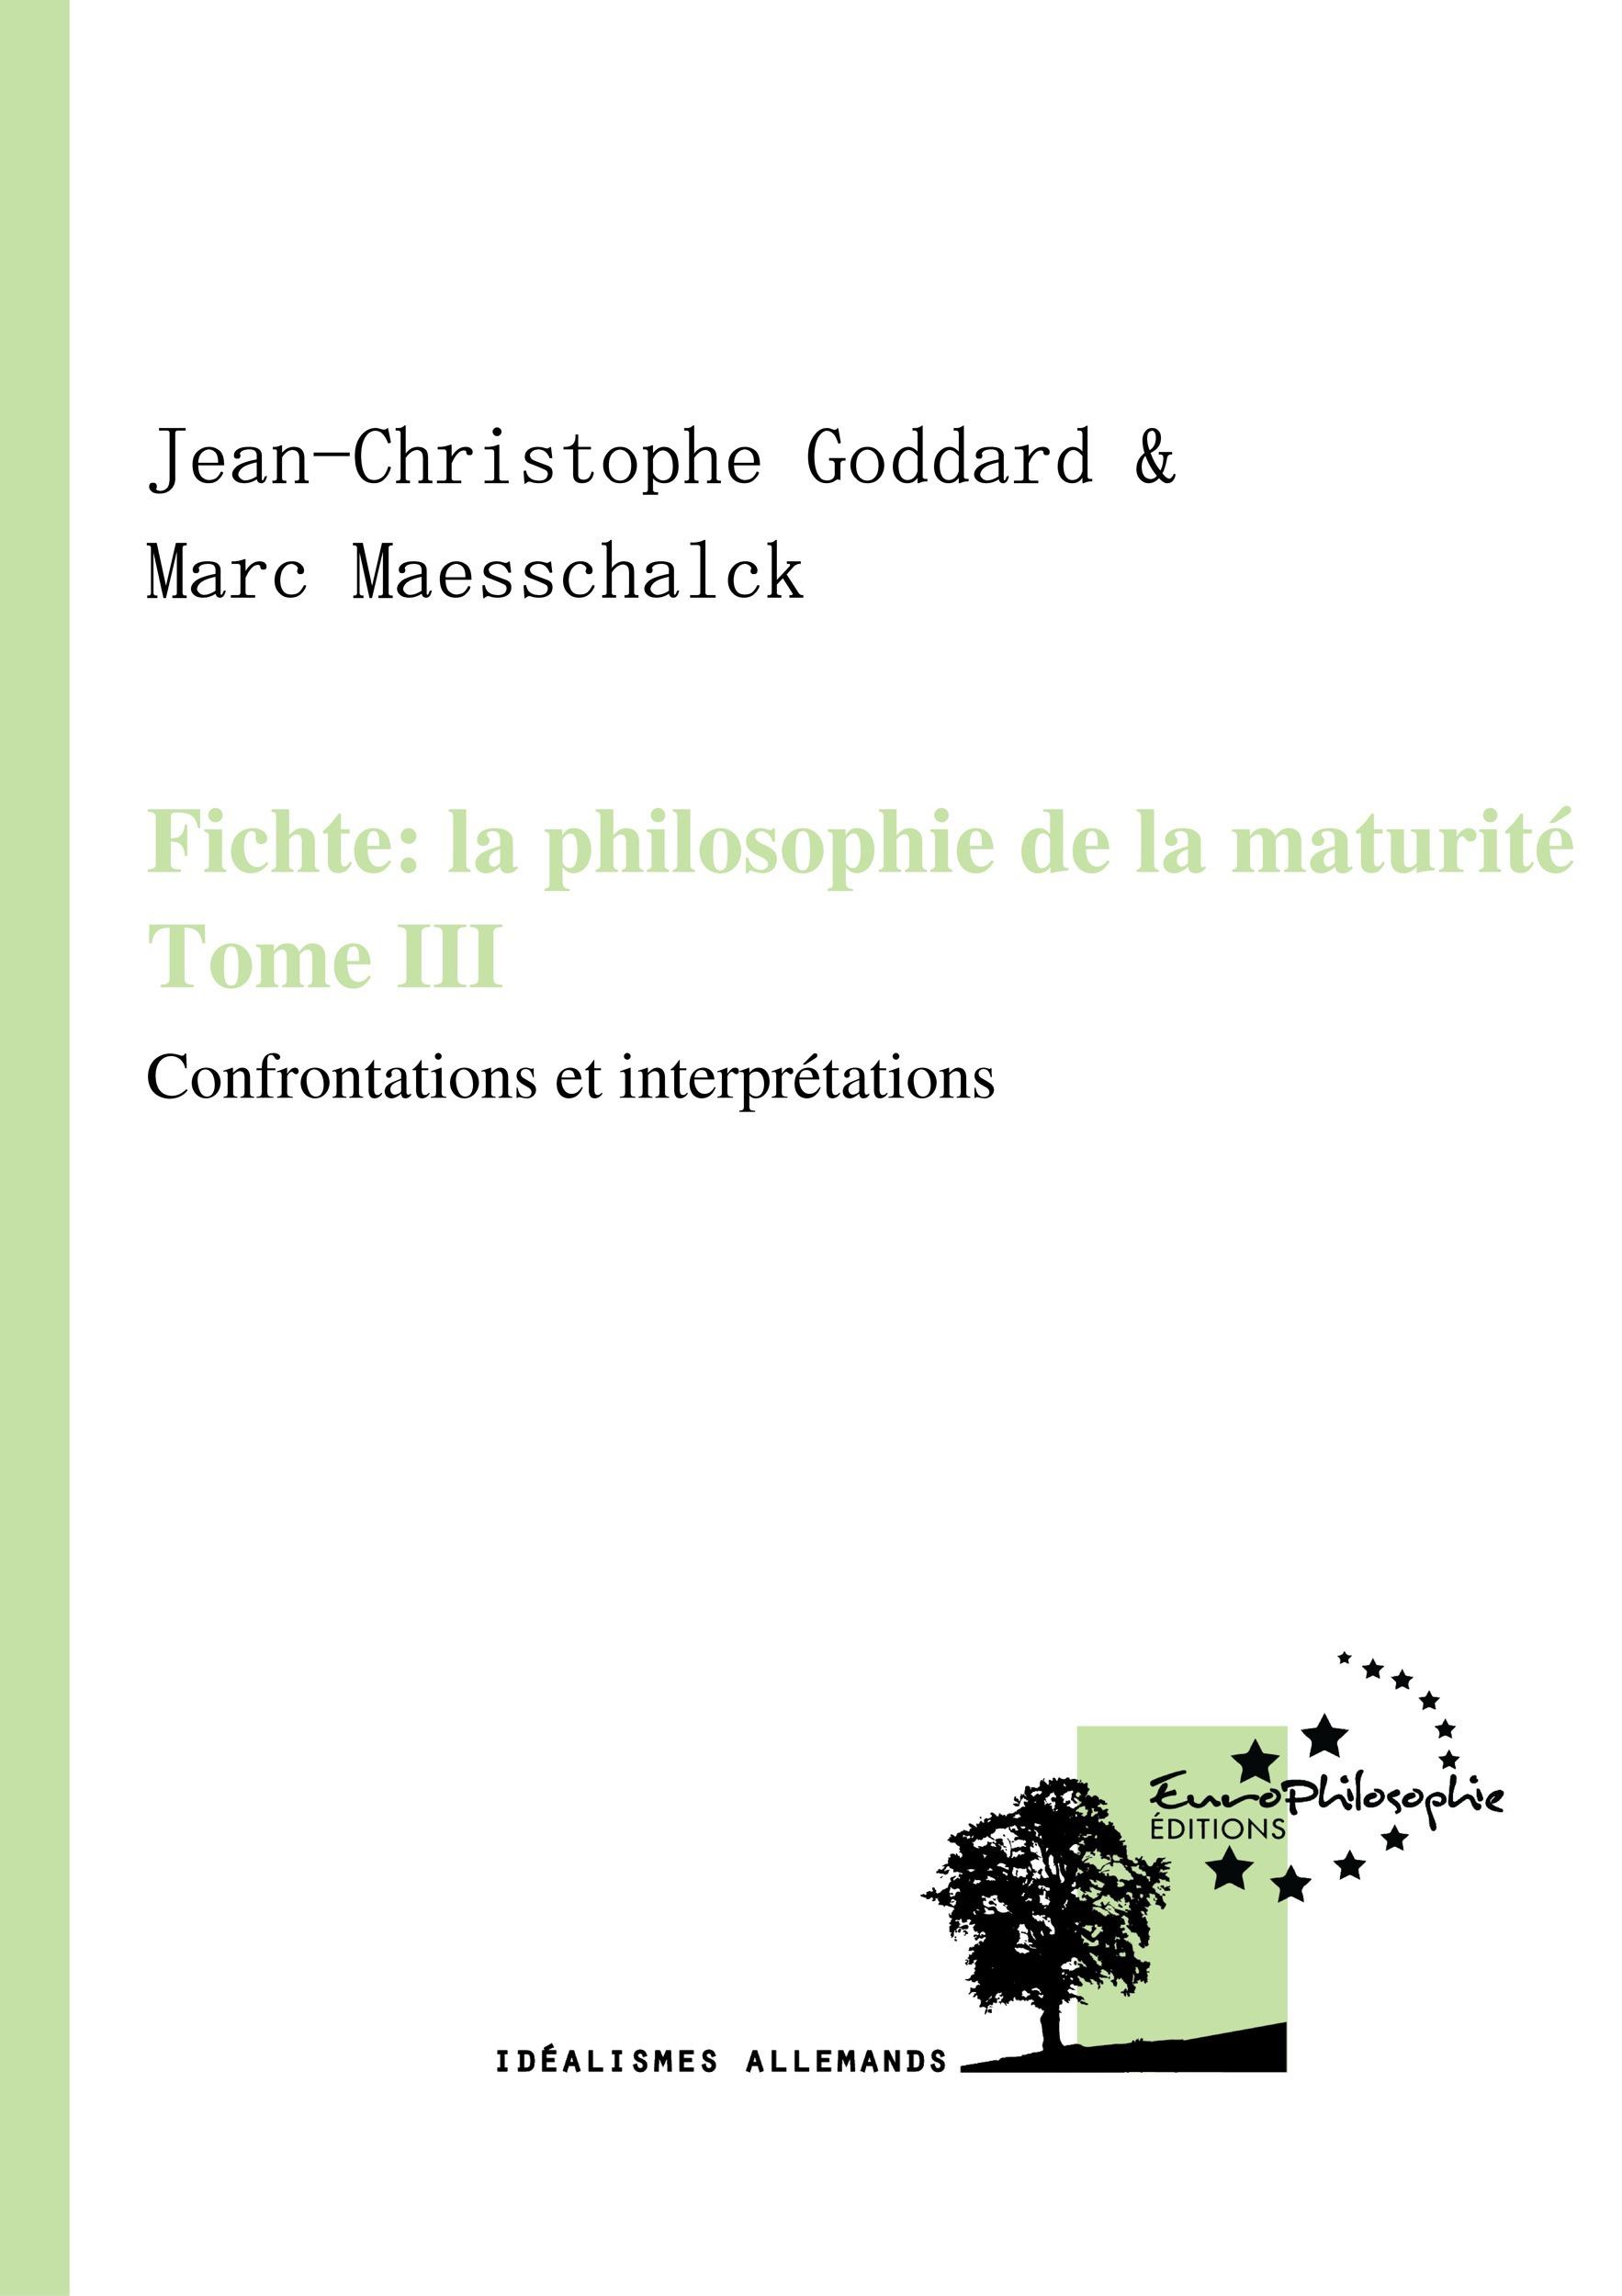 Fichte: la philosophie de la maturité. Tome III